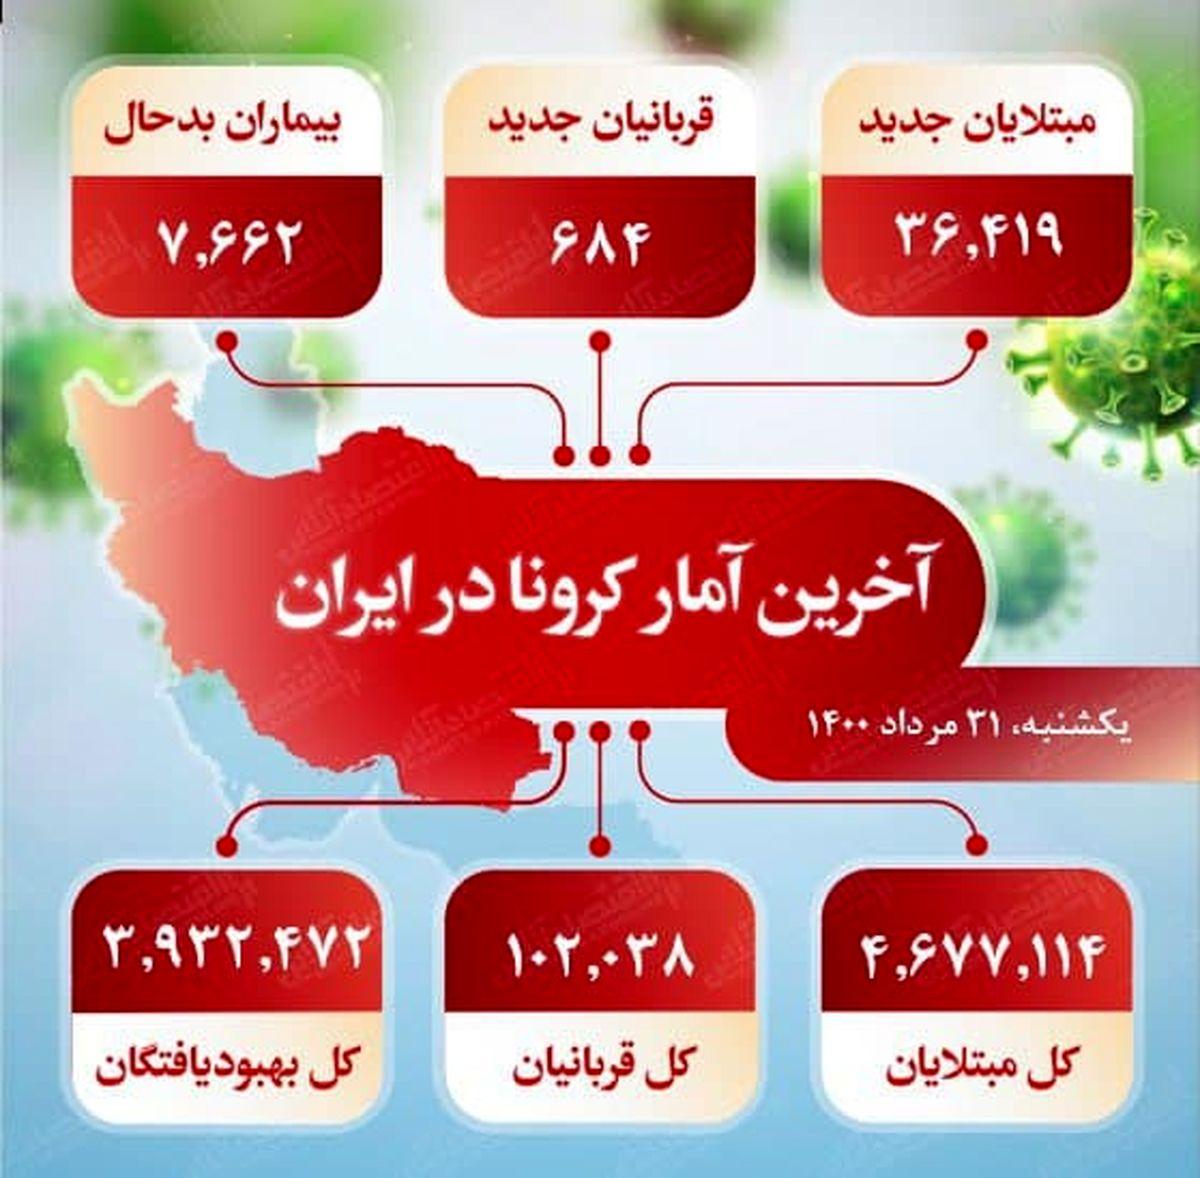 آخرین آمار کرونا در ایران (۱۴۰۰/۵/۳۱)